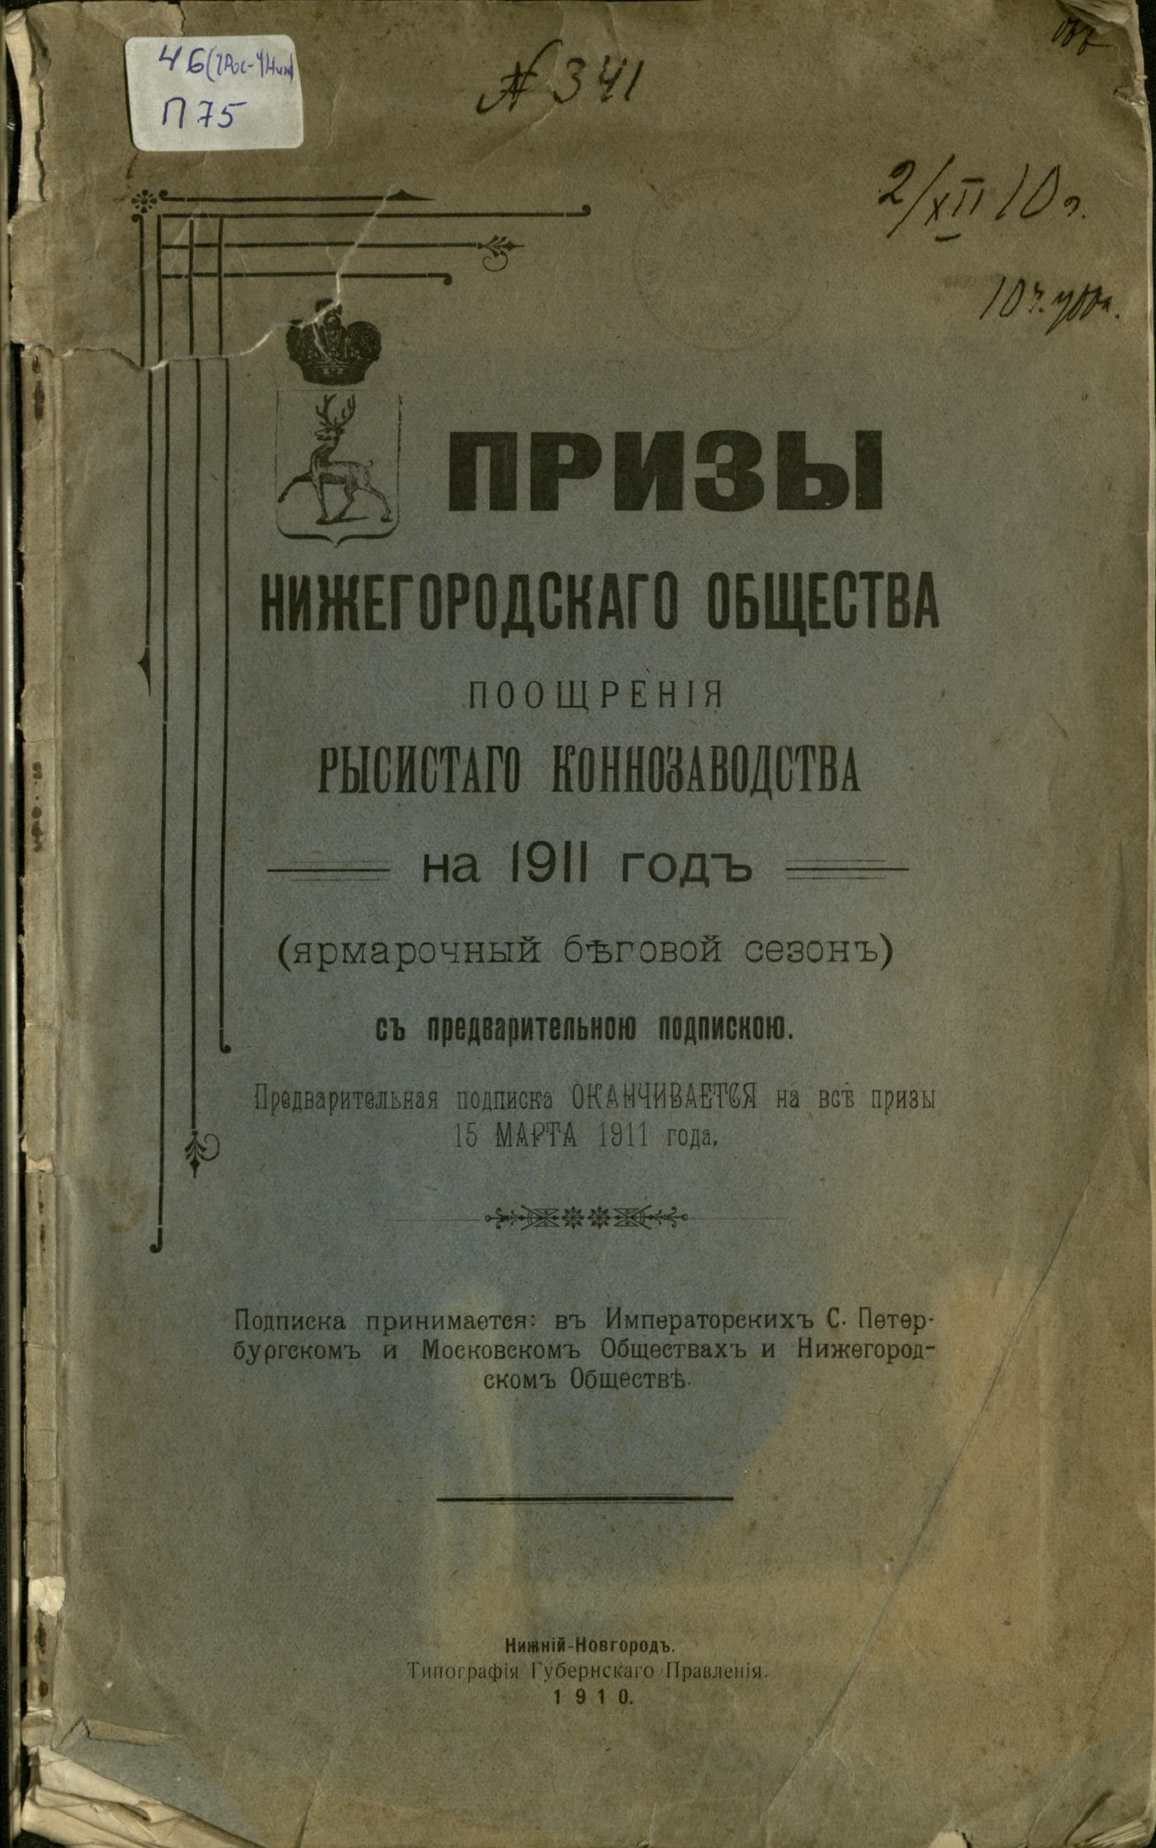 Приказы Нижегородского общества поощрения рысистого коннозаводства на 1911 год